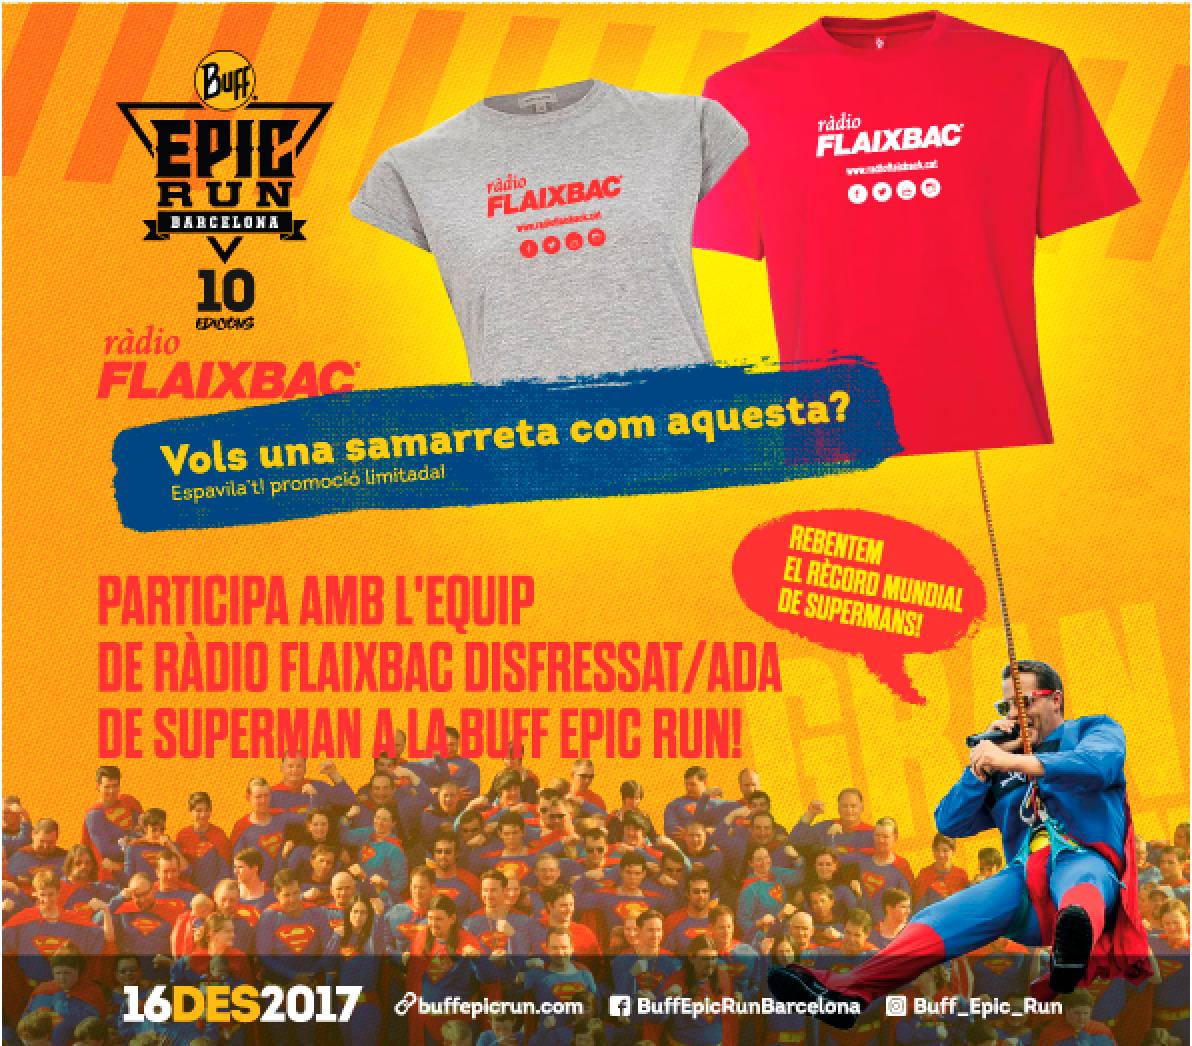 Consigue tu camiseta Flaixbac